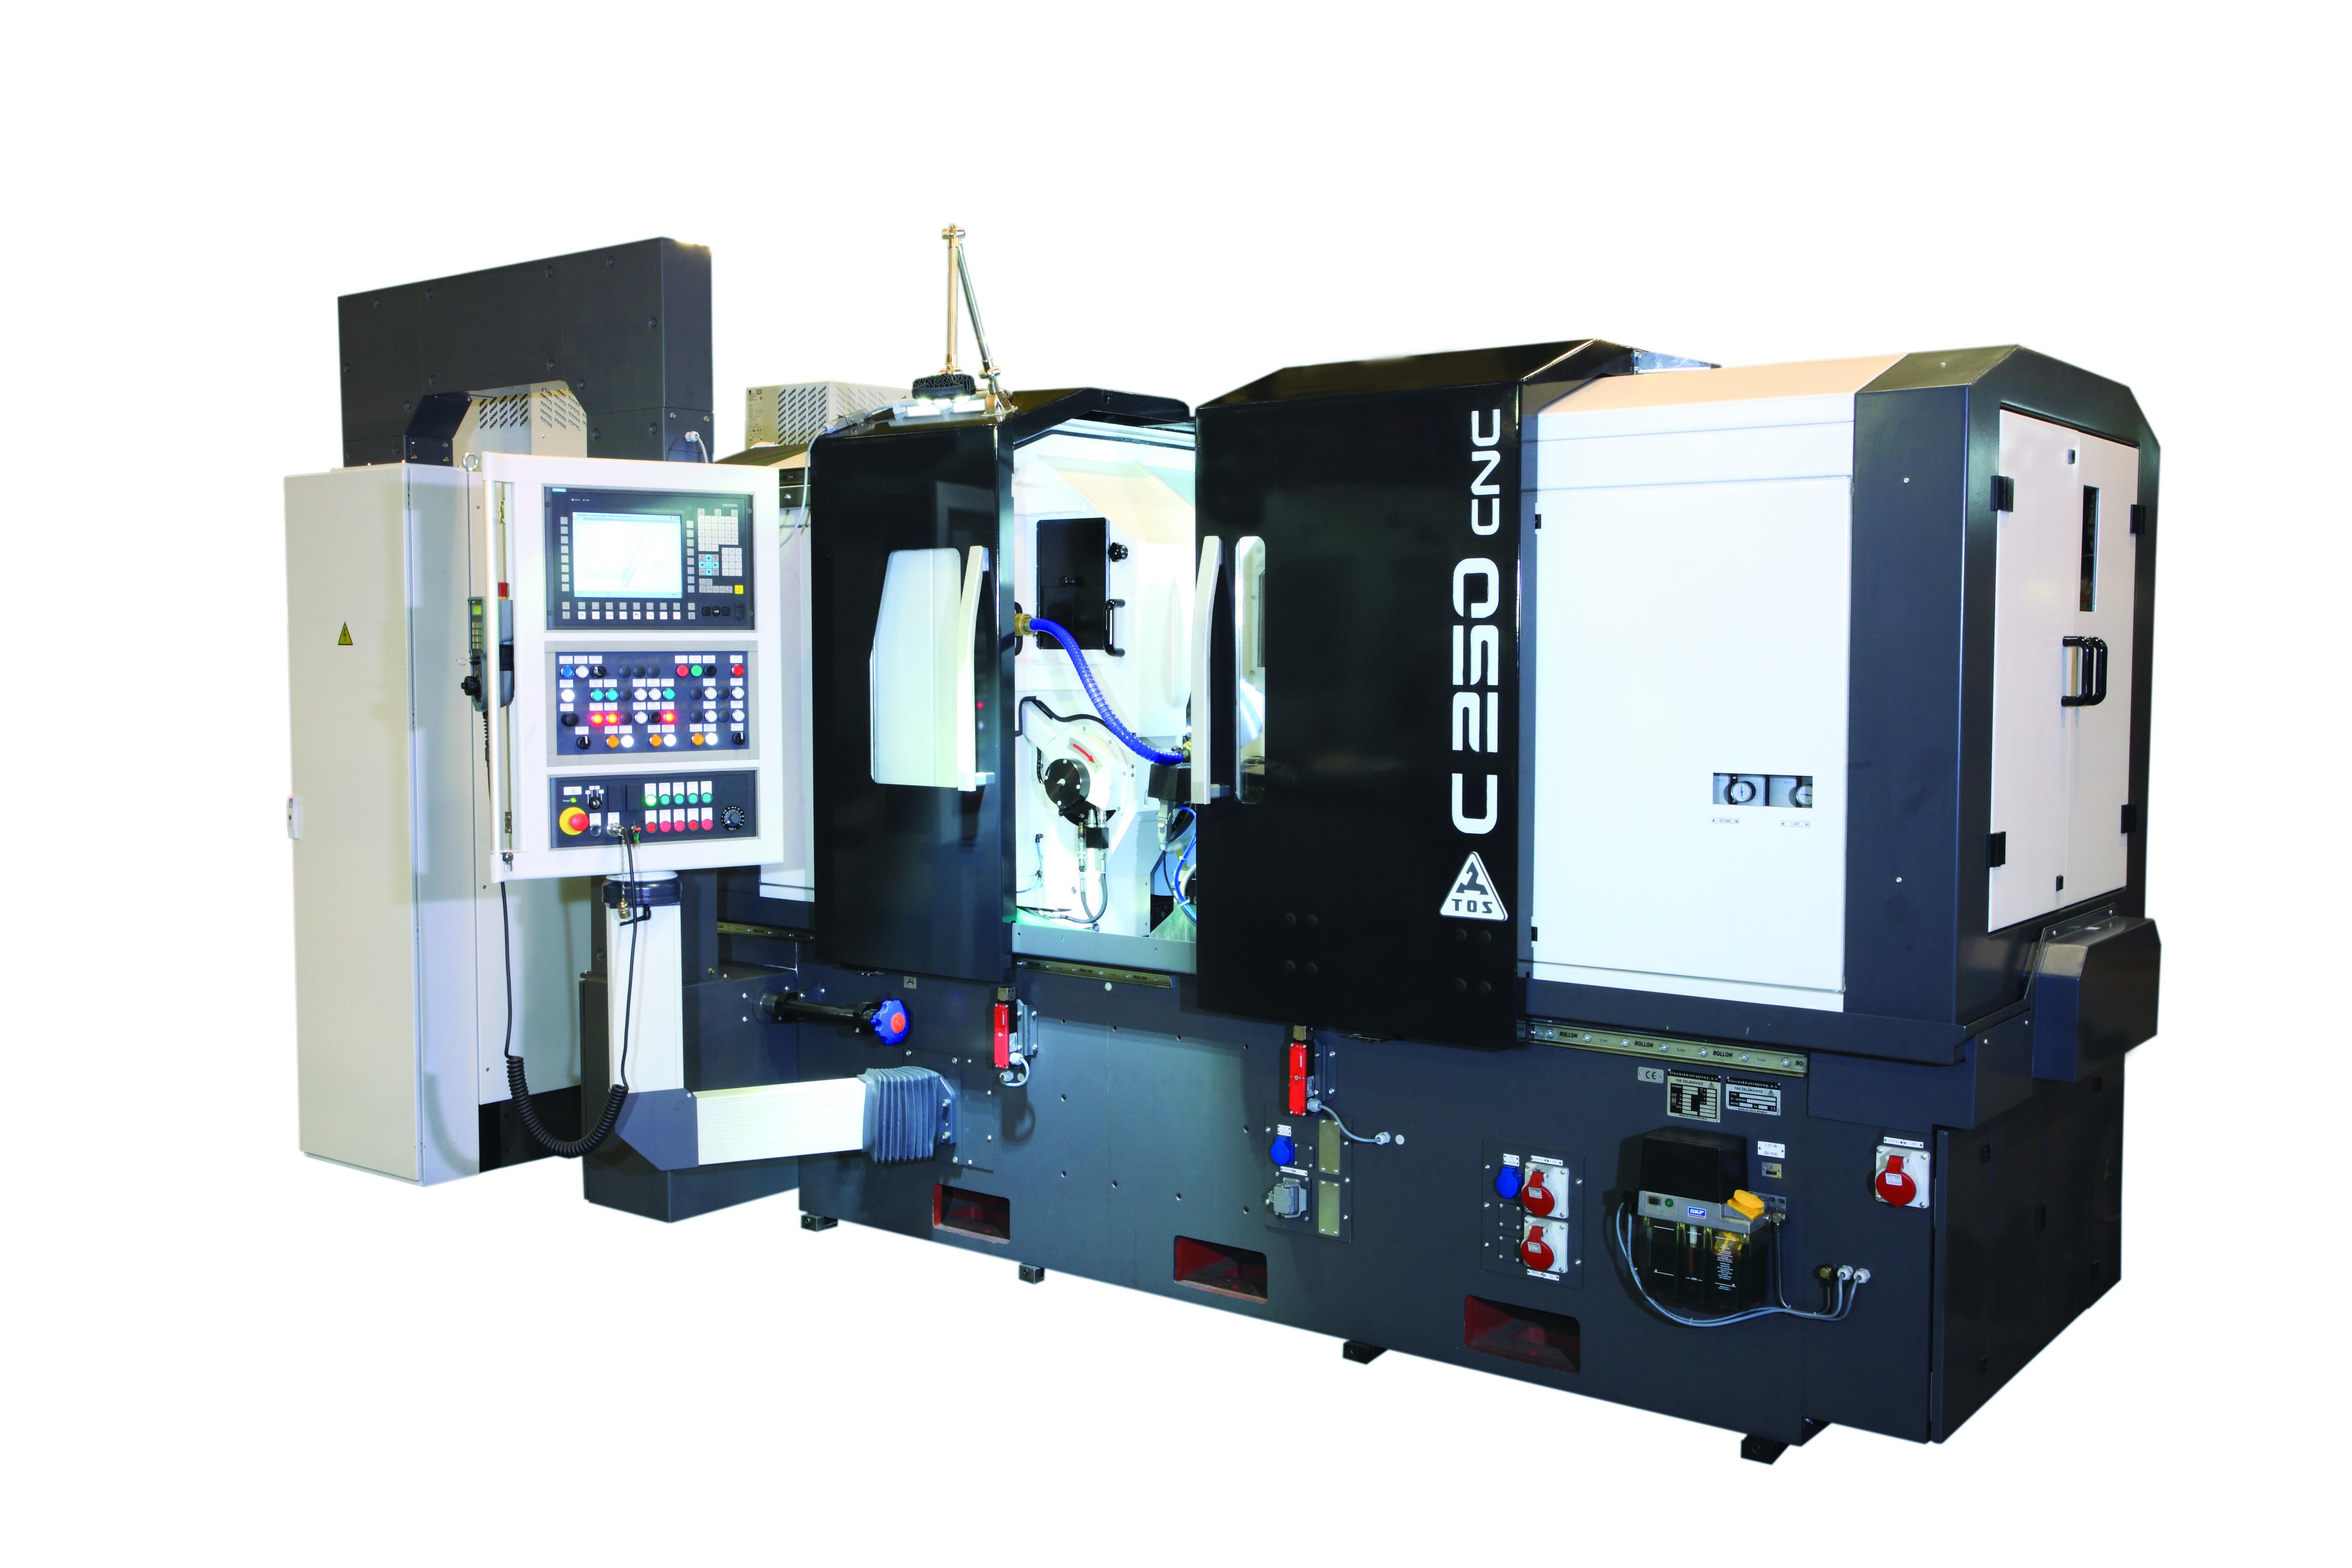 Brusky bezhroté řady C 250 CNC a C 500 CNC Stroje s typovým označením C 250 CNC a C 500 CNC patří do...